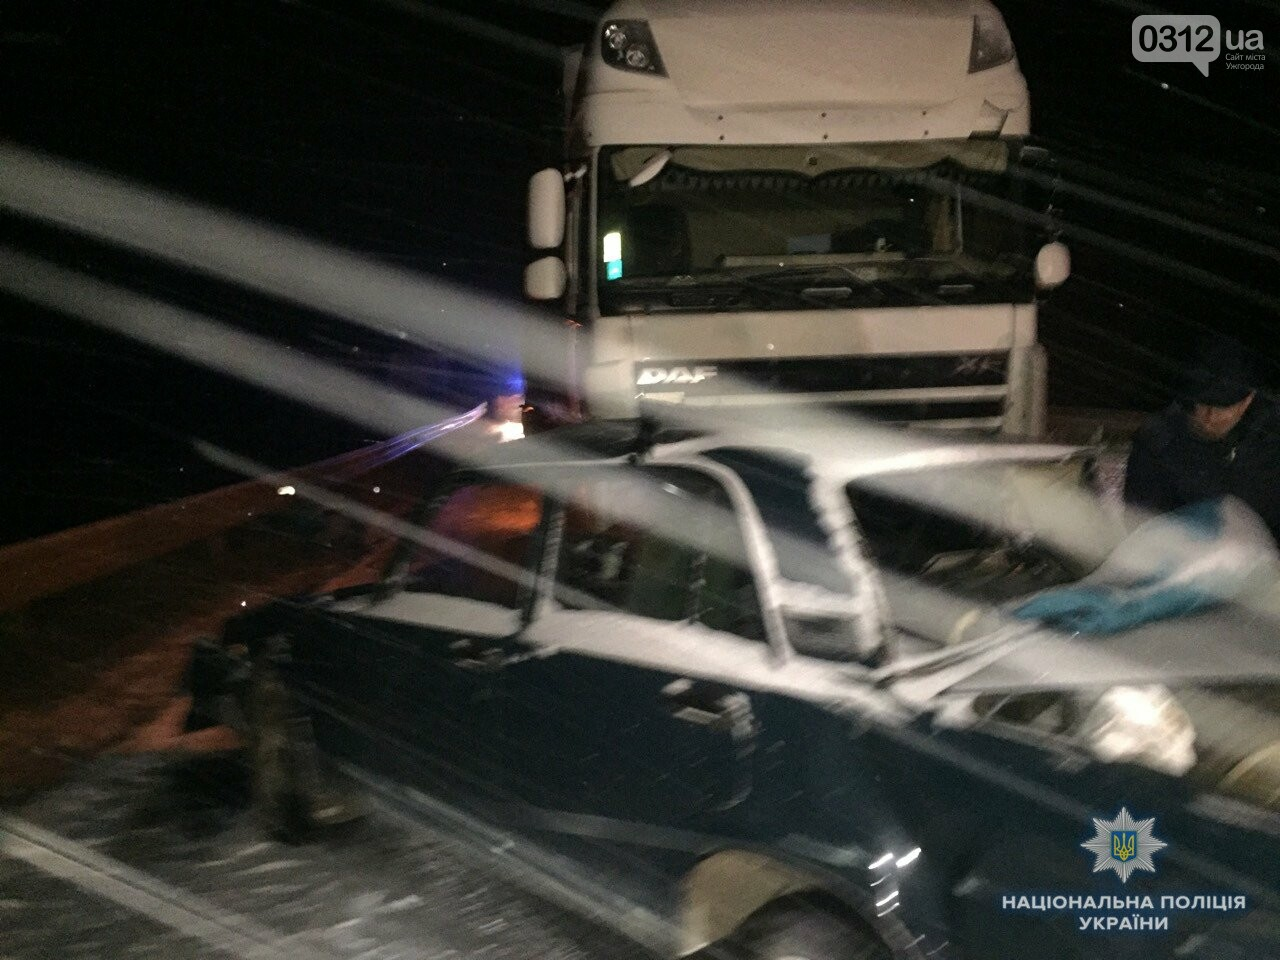 Жахливе ДТП за участі трьох авто поблизу Чопу: на місці загинув 18-ти річний хлопець (ФОТО), фото-4